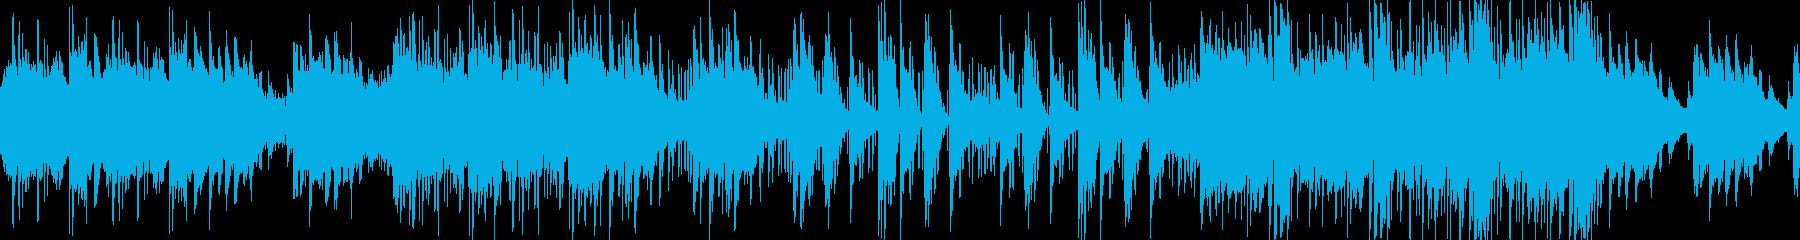 ピアノが印象的な切なく落ち着いたBGMの再生済みの波形